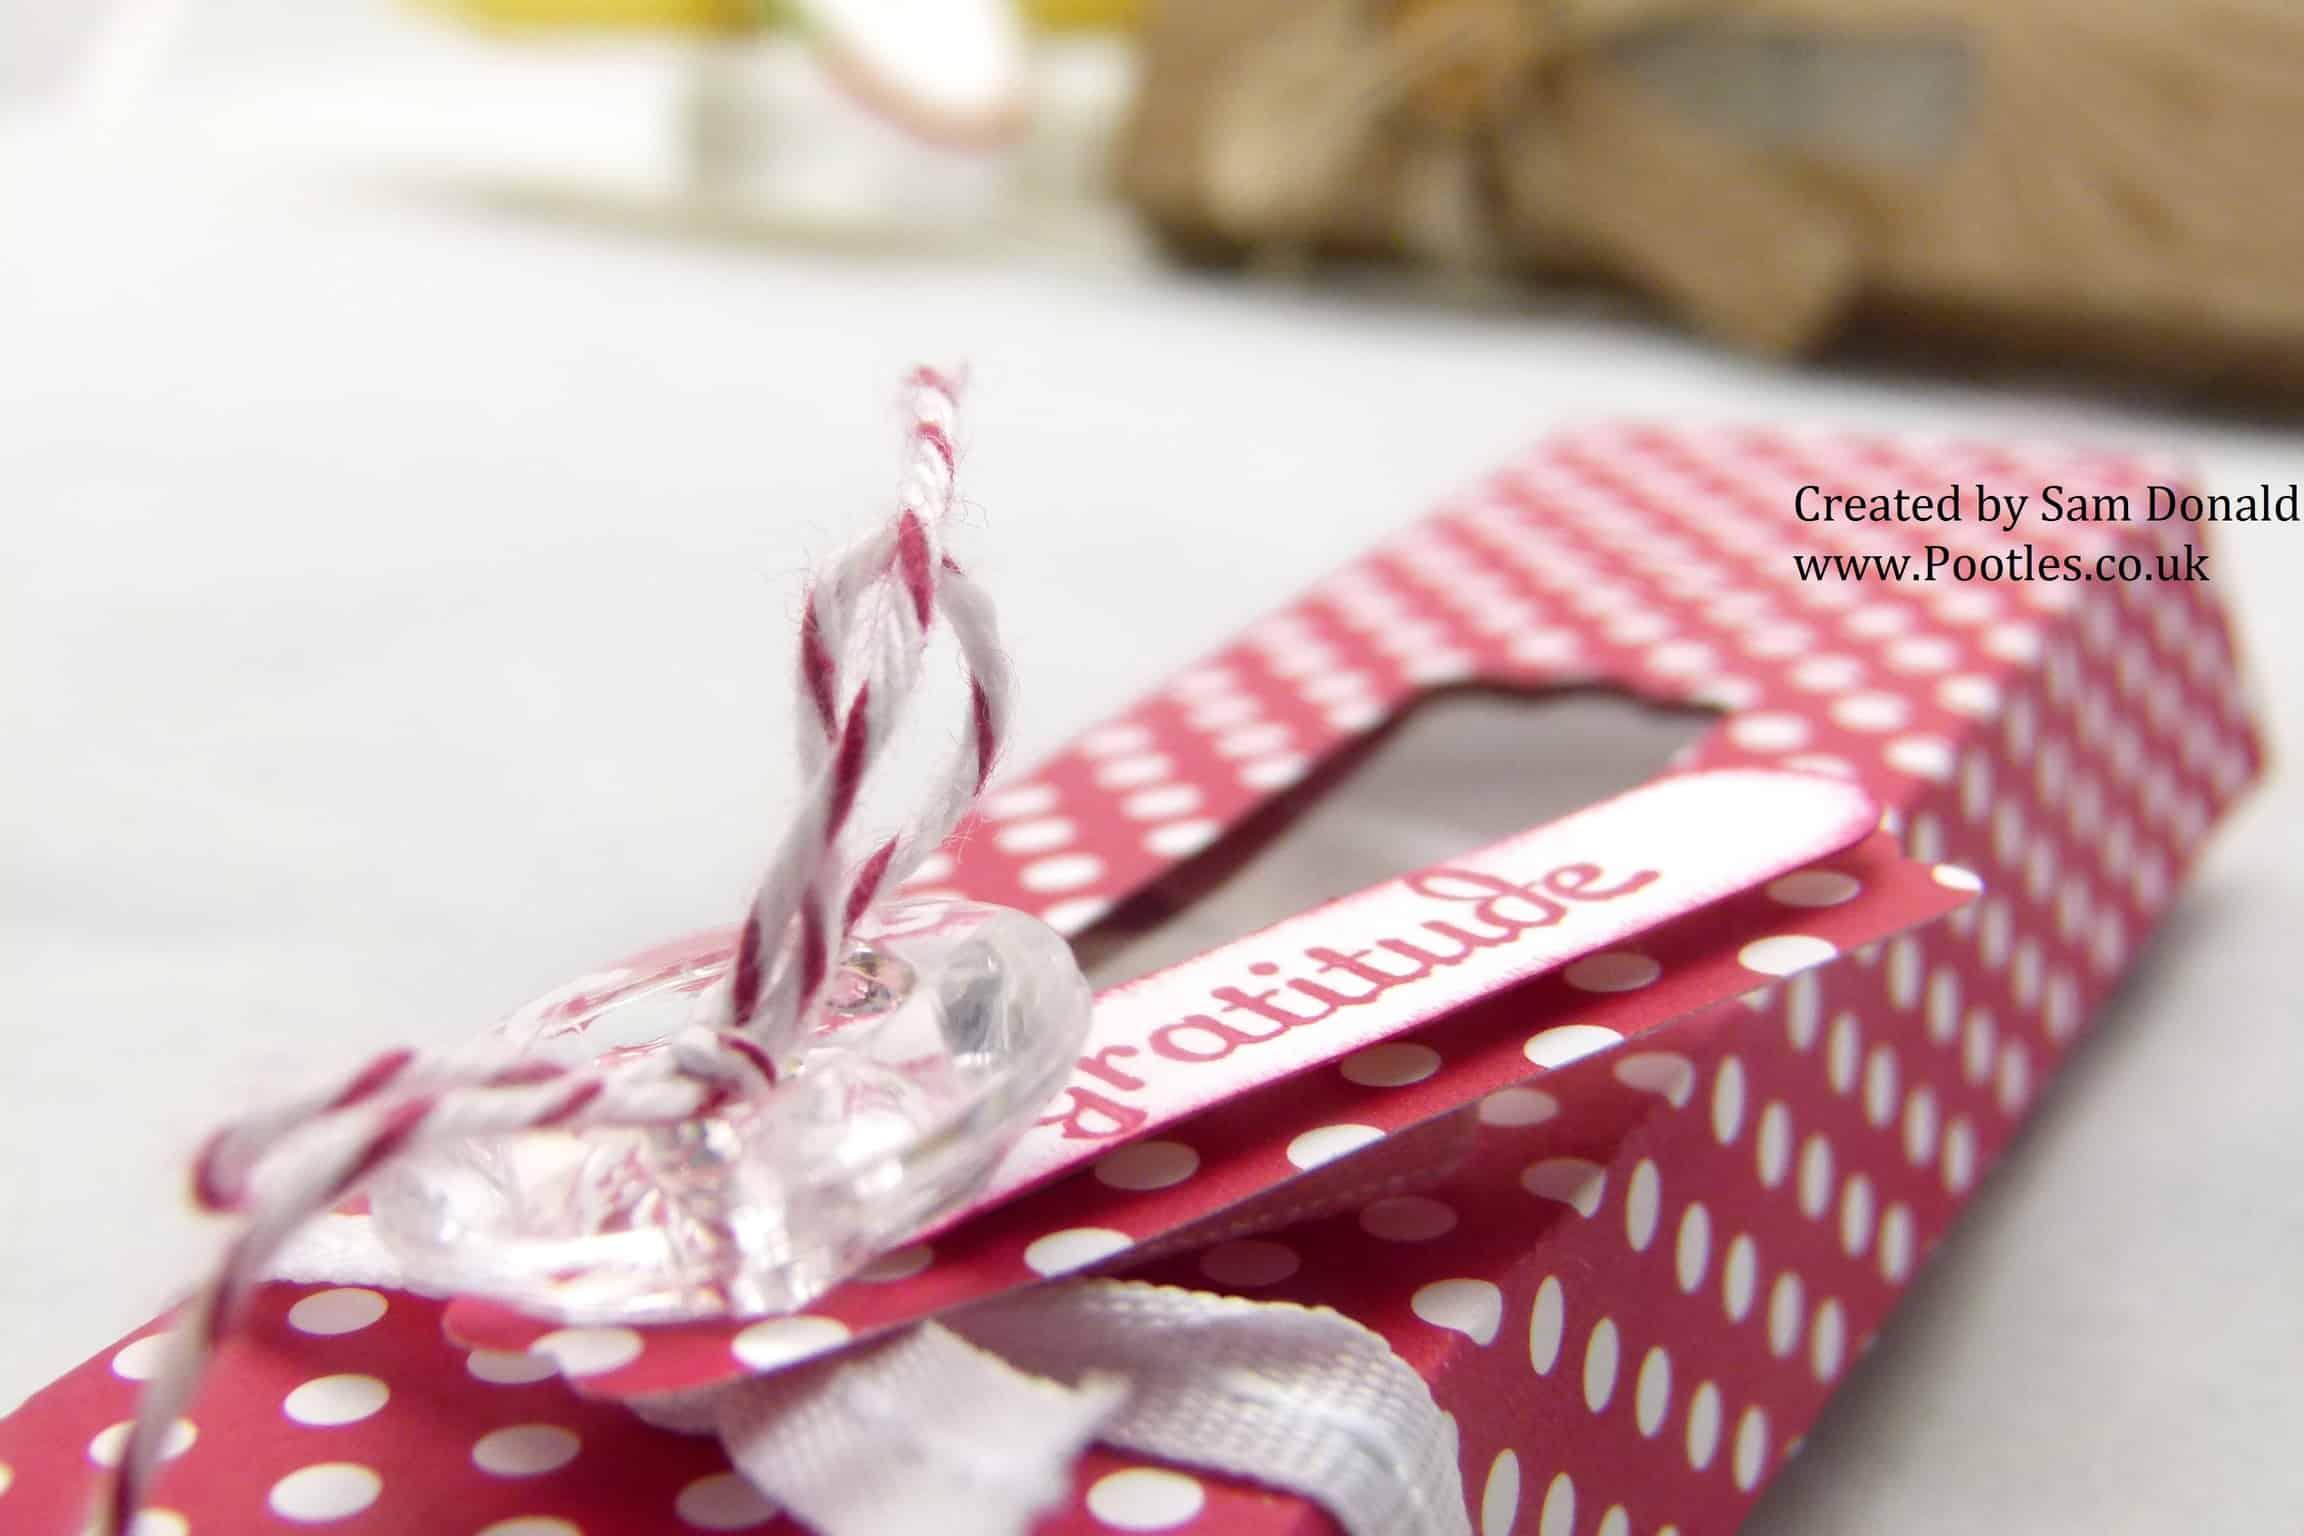 Pootles Stampin Up UK Tea Light Gift Box 5 (1)